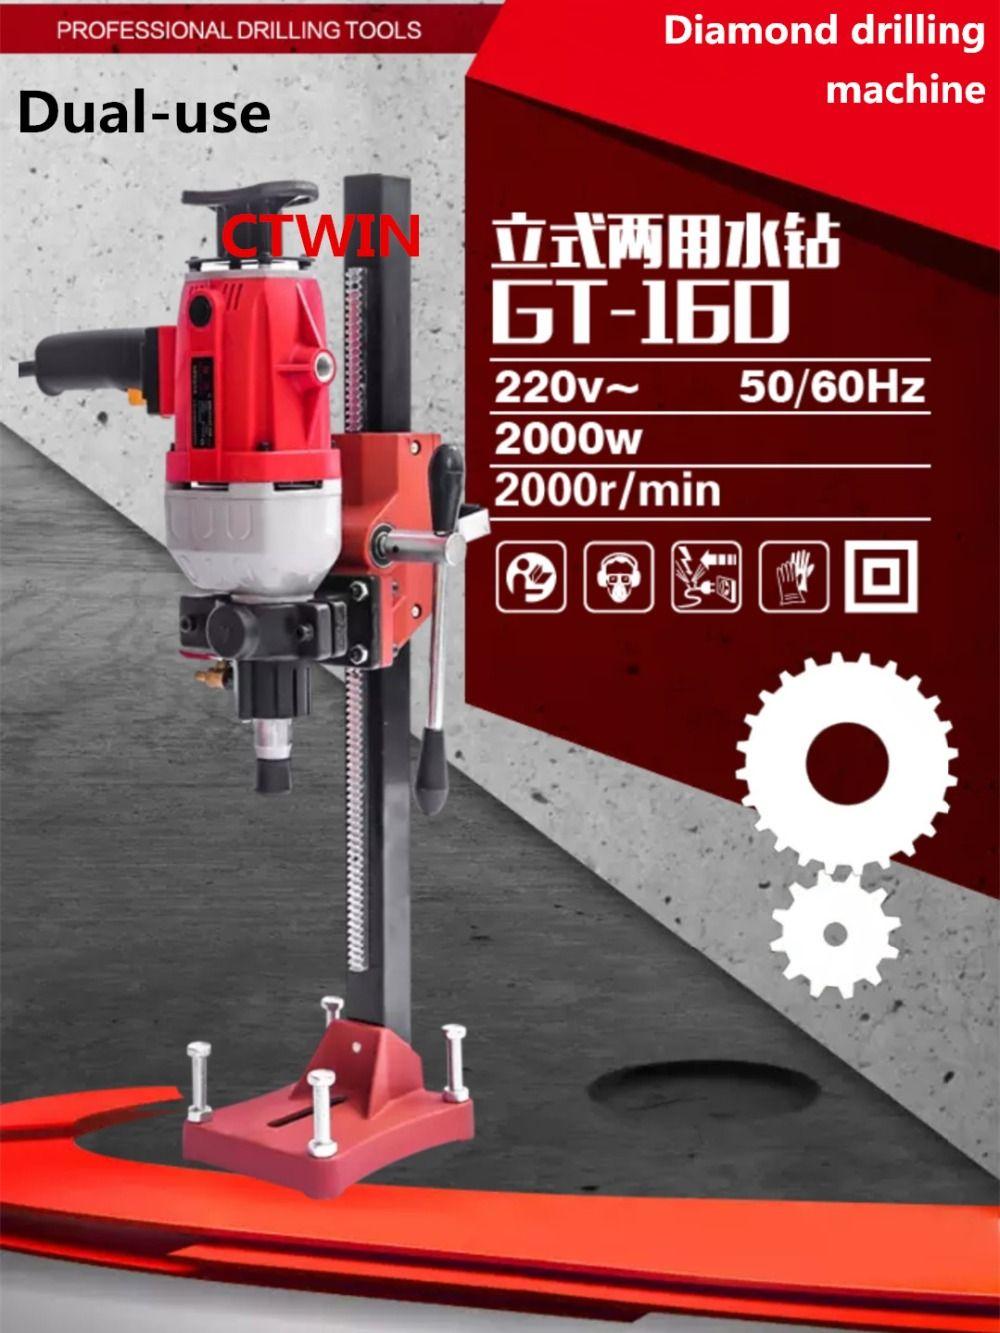 Dual-Use-160 MM 2000 W Professionelle Elektrische Beton Komplexe Core Diamant Bohrer Maschine Projekt Wasser Nass Core Bohren maschine